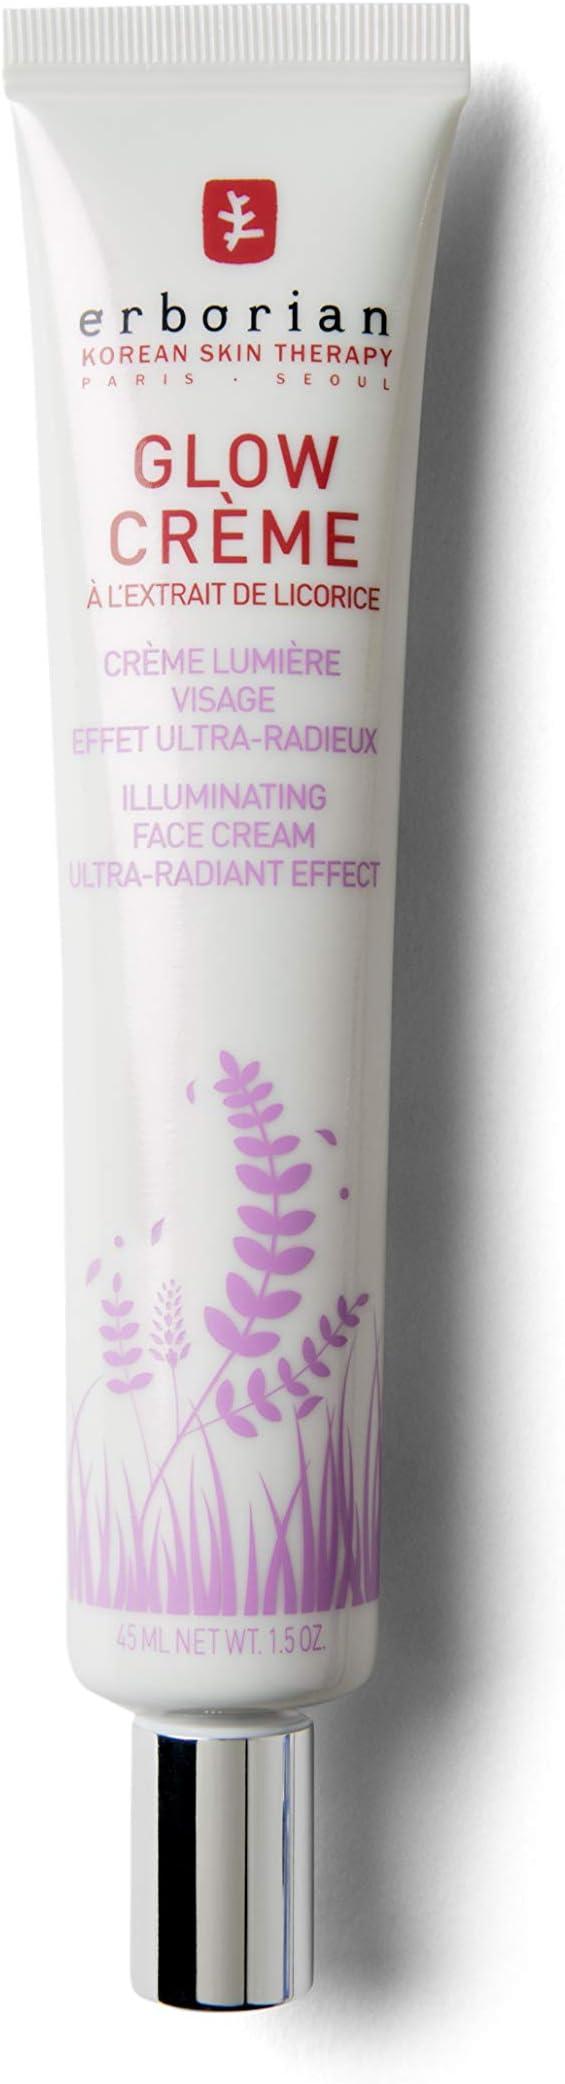 Erborian Glow Face Illuminating Cream 9ml